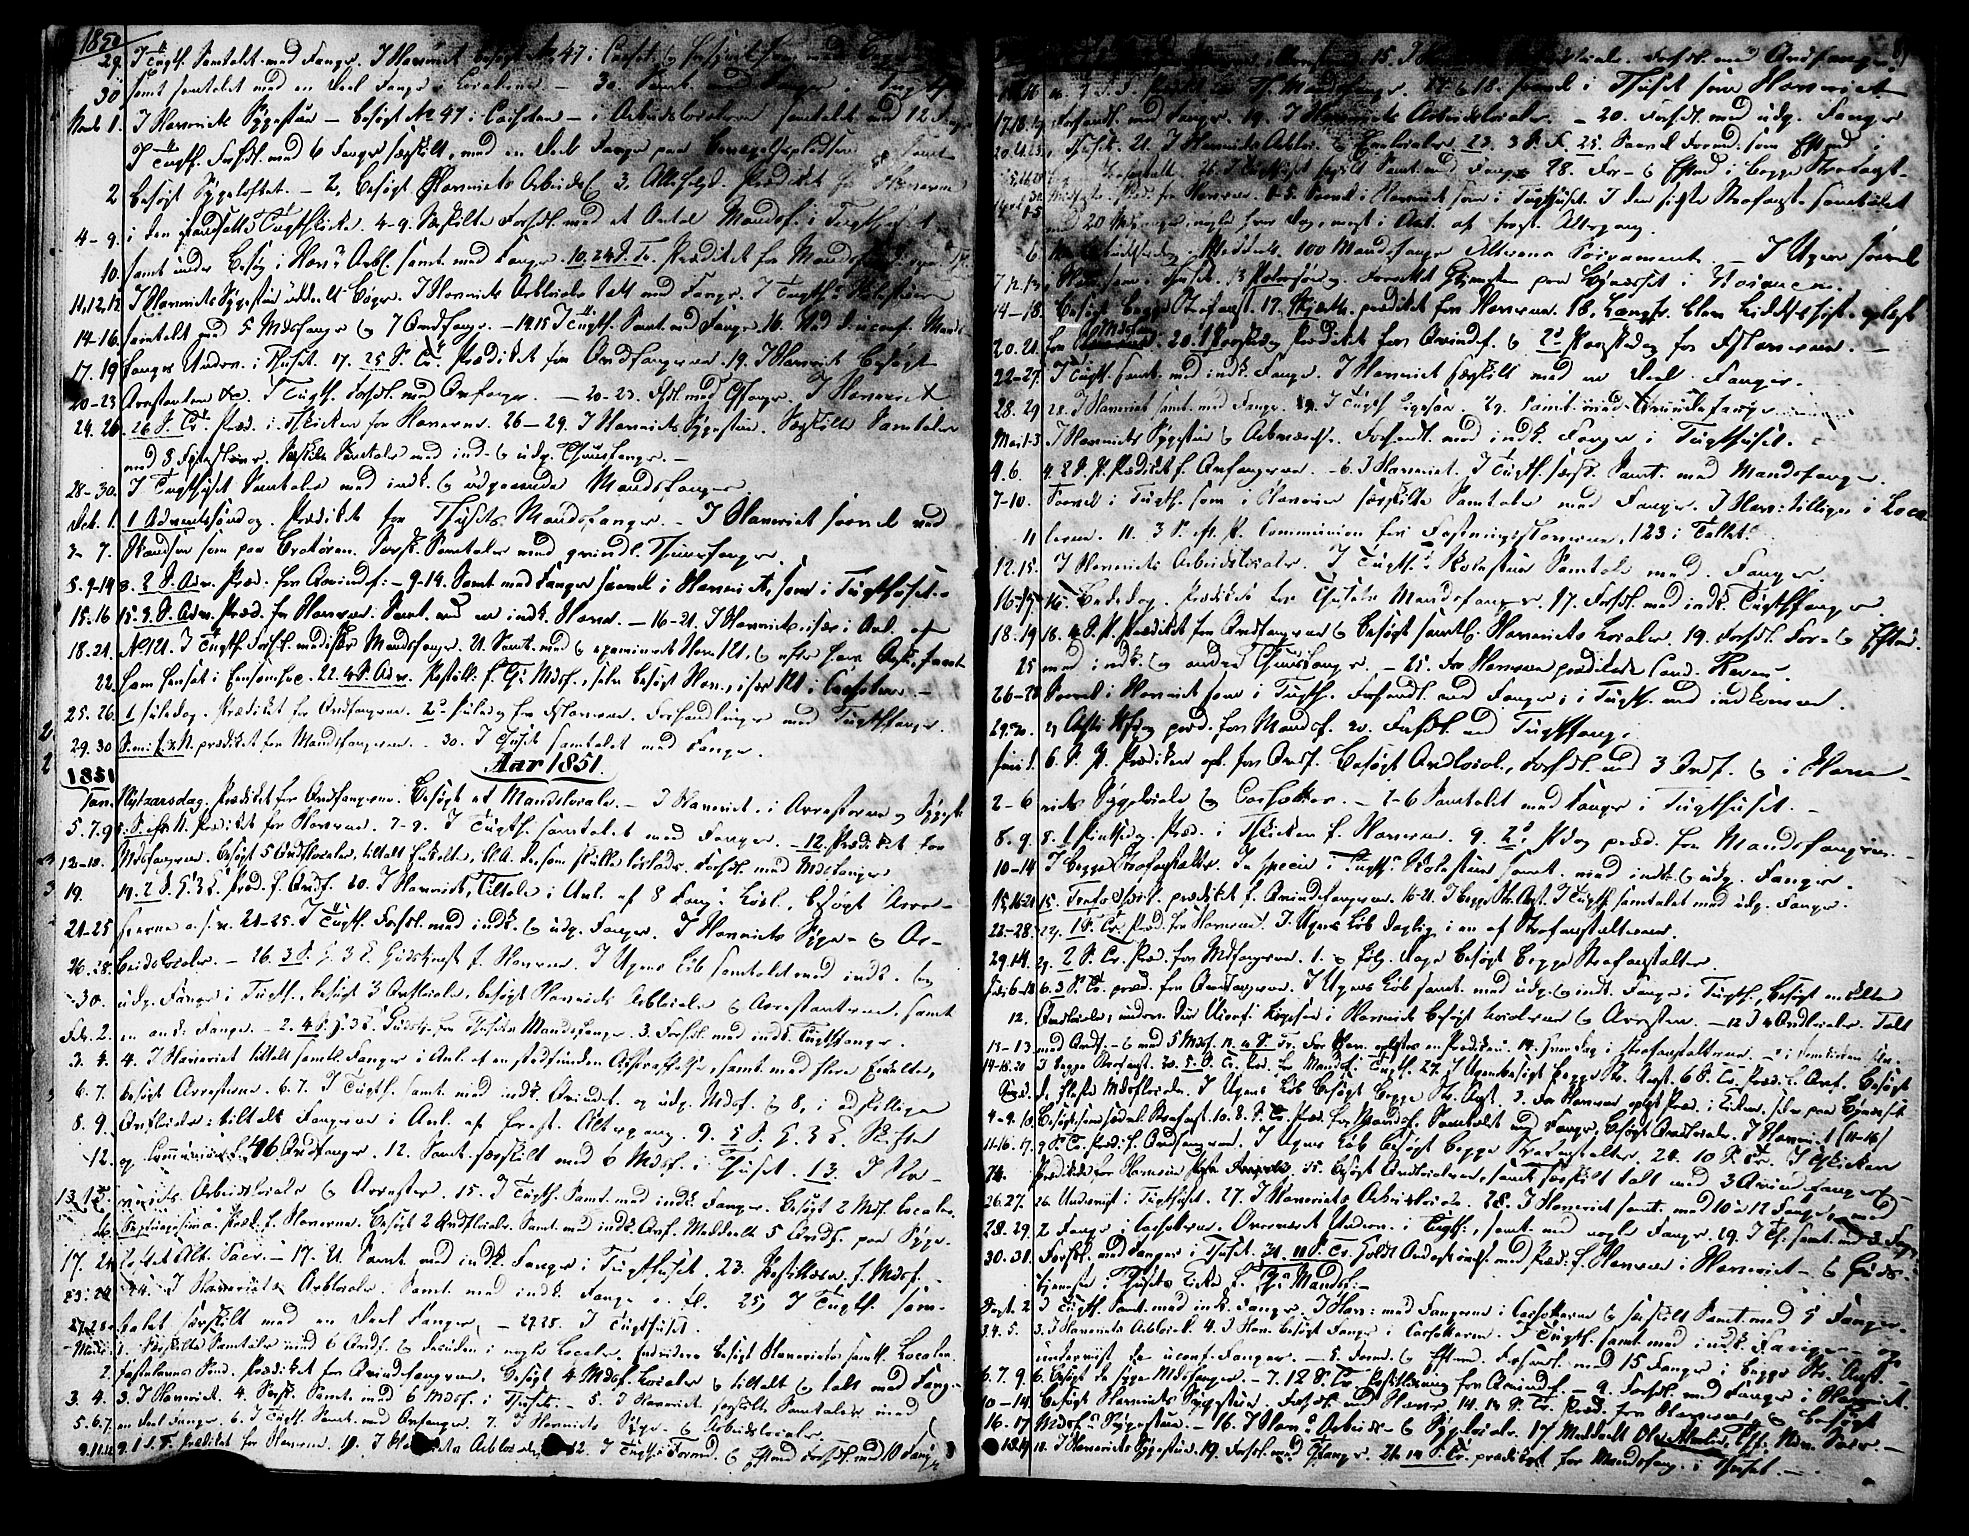 SAT, Ministerialprotokoller, klokkerbøker og fødselsregistre - Sør-Trøndelag, 624/L0480: Ministerialbok nr. 624A01, 1841-1864, s. 67